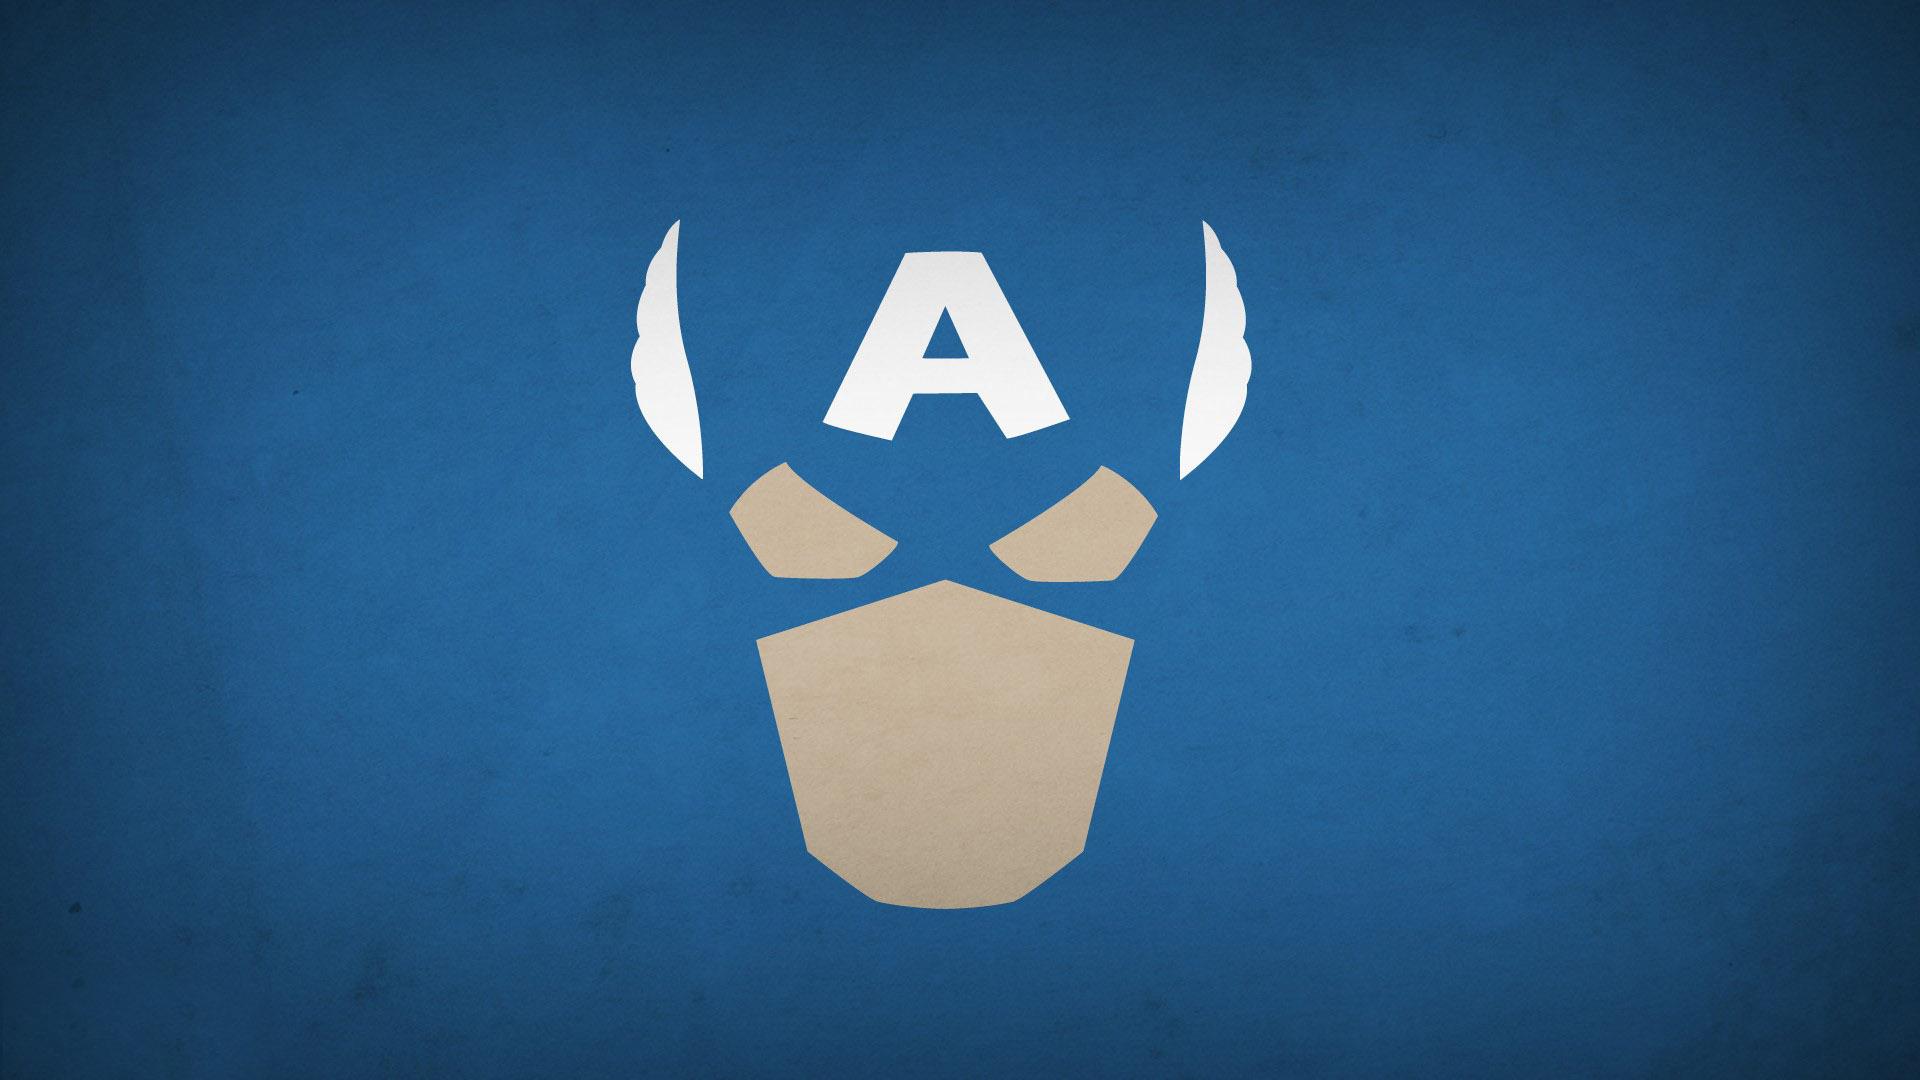 captain america wallpaper for desktop1 (10)